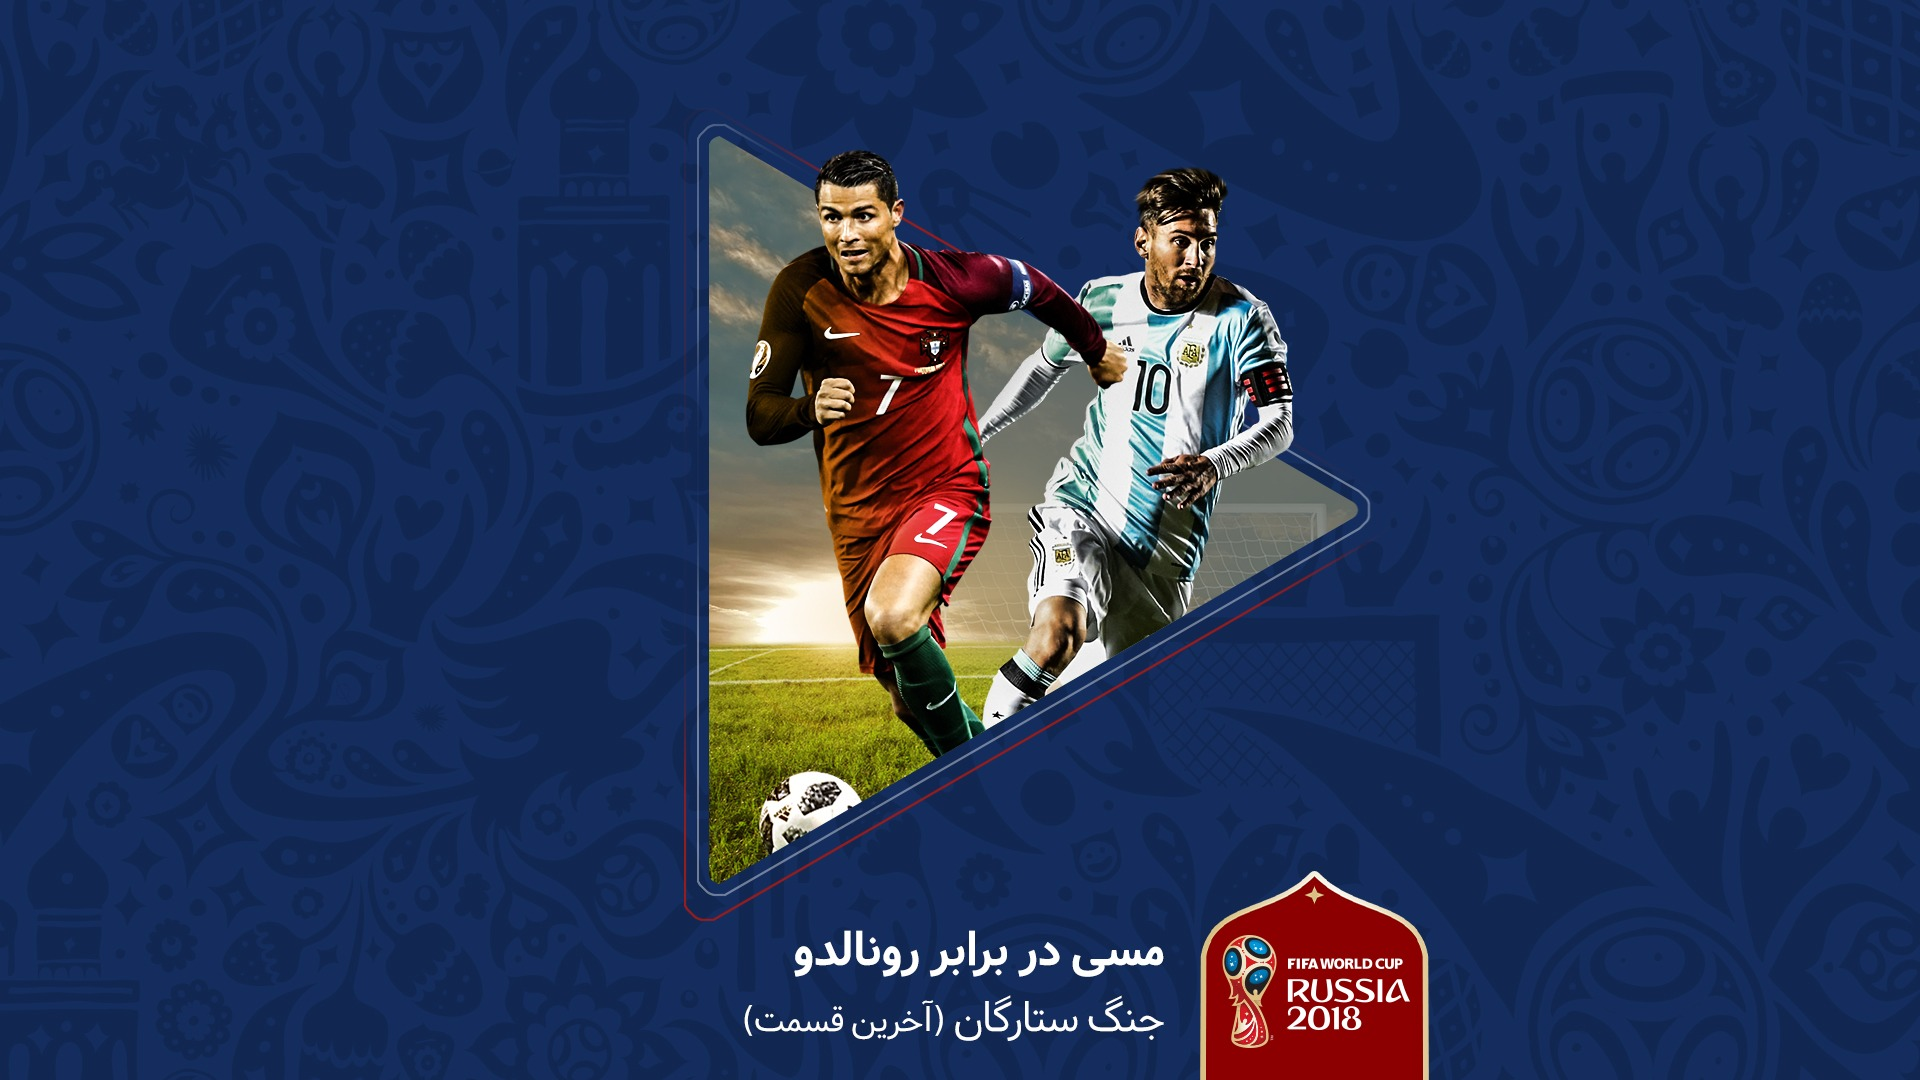 پیش بینی جام جهانی